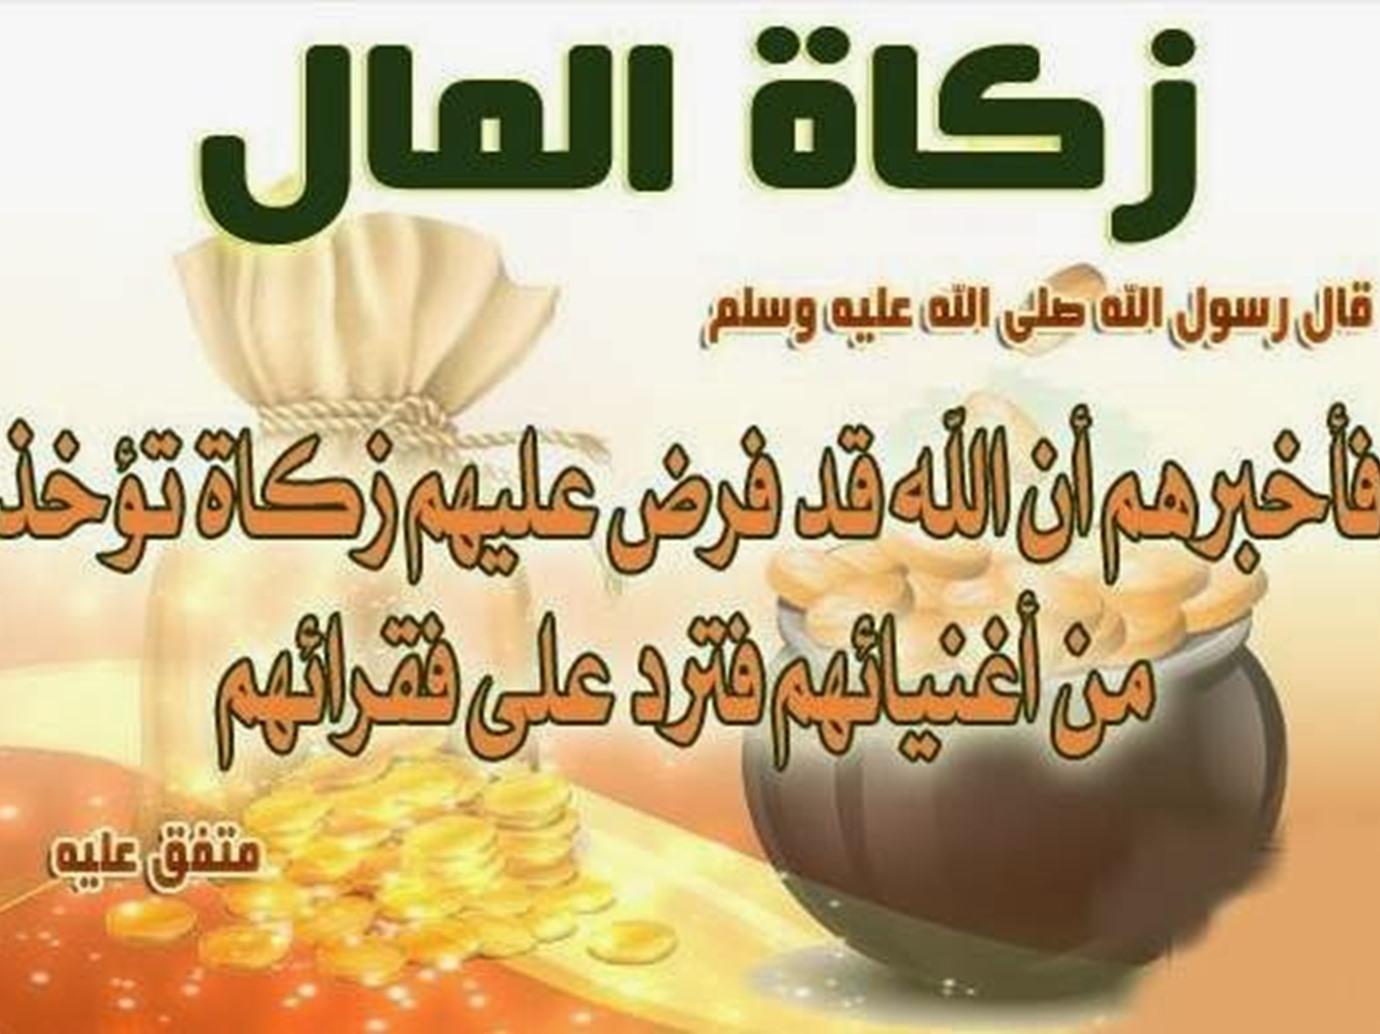 متى يجب إخراج الزكاة وهل يجوز تأخيرها إلى شهر رمضان